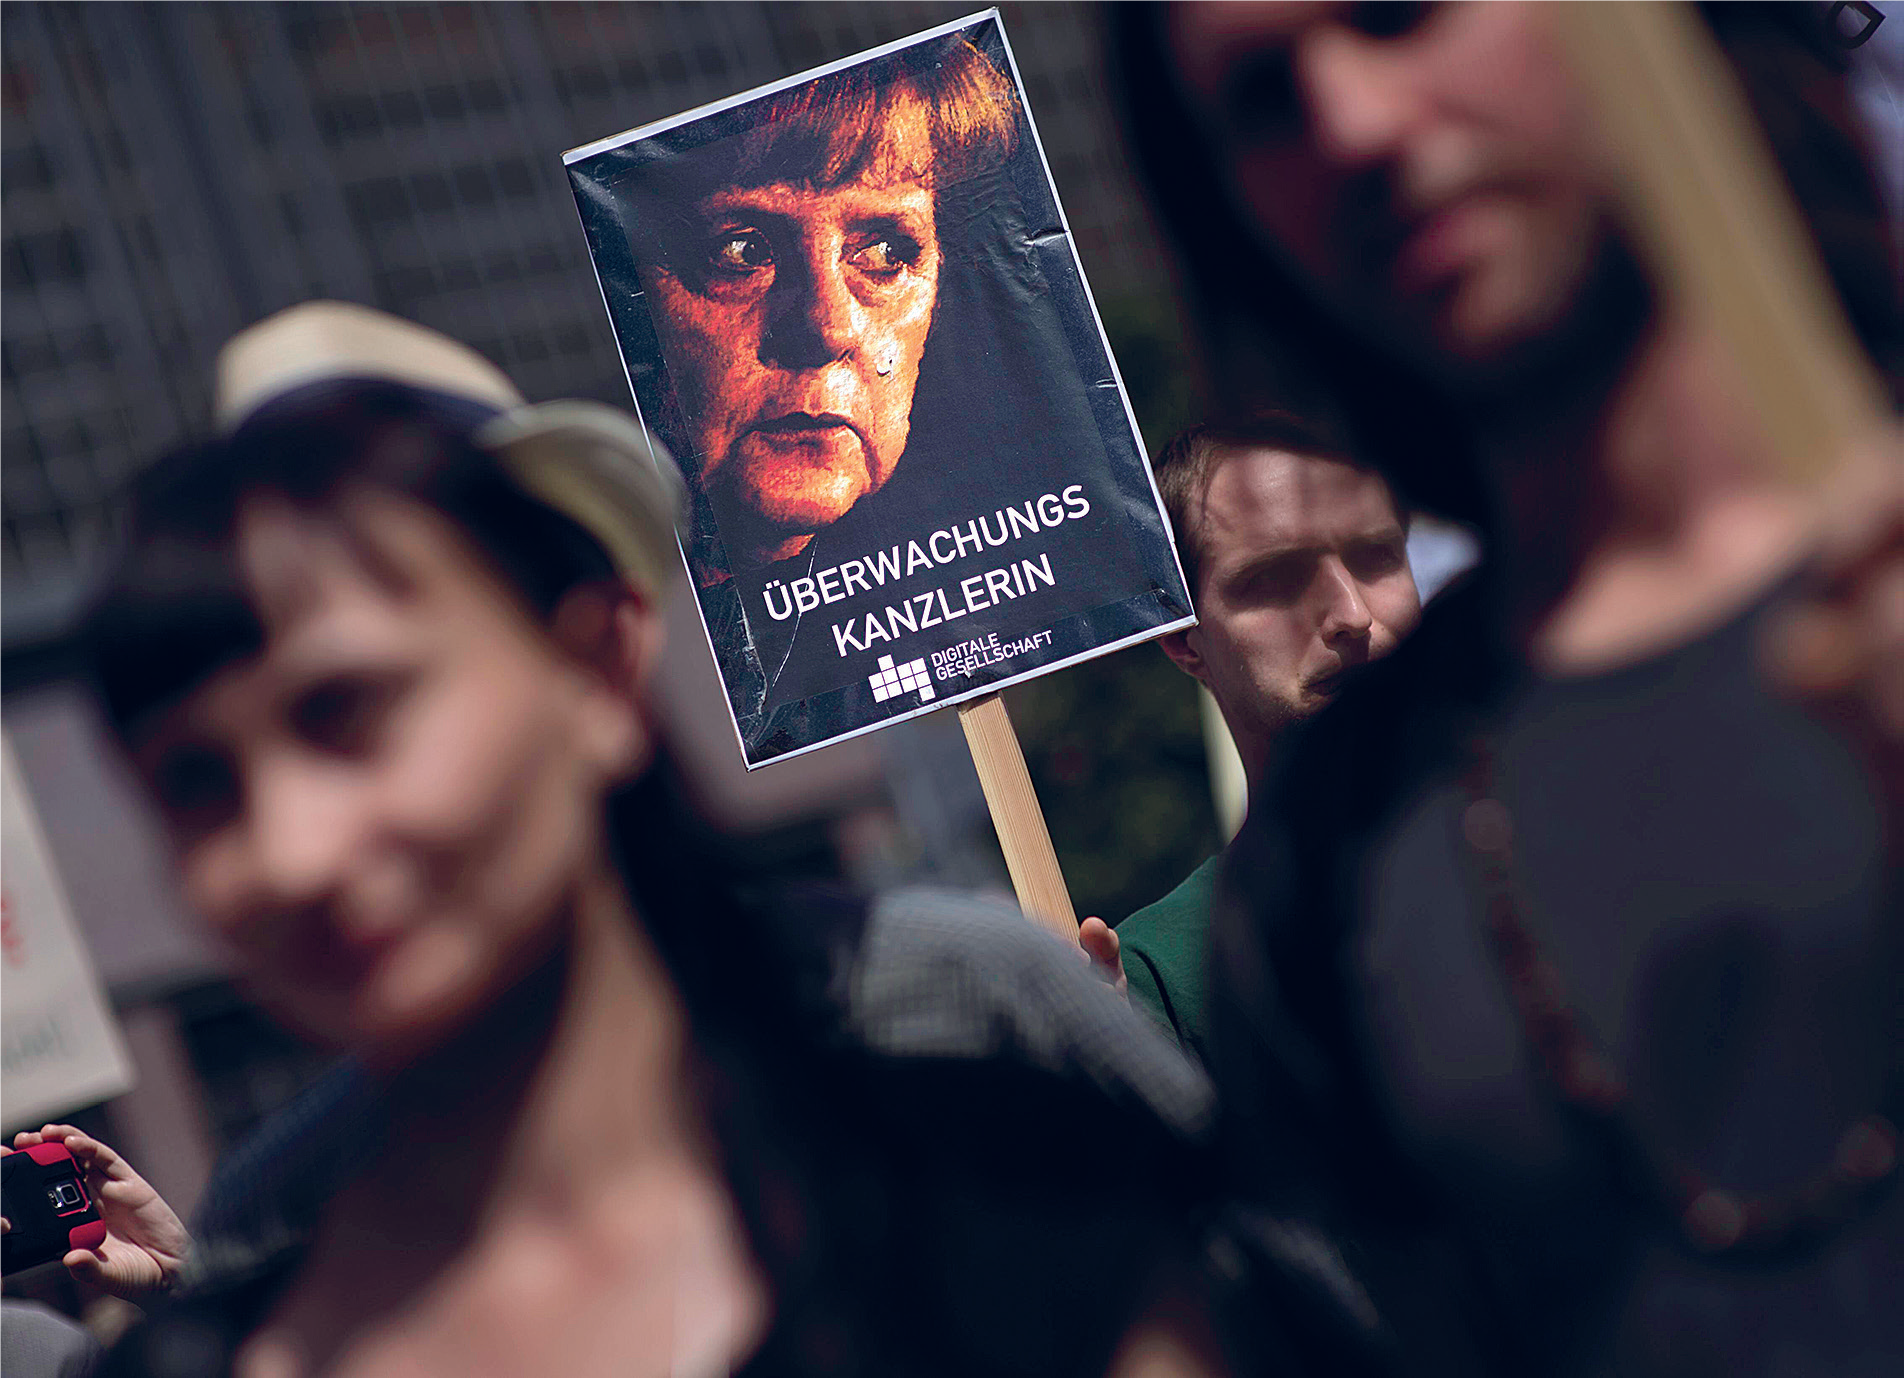 Ei. Berliinissä osoitettiin viime kesänä mieltä Netzpolitik.org-sivuston saamia maanpetossyytteitä vastaan. Mielenosoittajan kyltissä Angela Merkeliä kutsuttiin tarkkailukansleriksi. // KUVA: IMAGO/IPON/ALL OVER PRESS